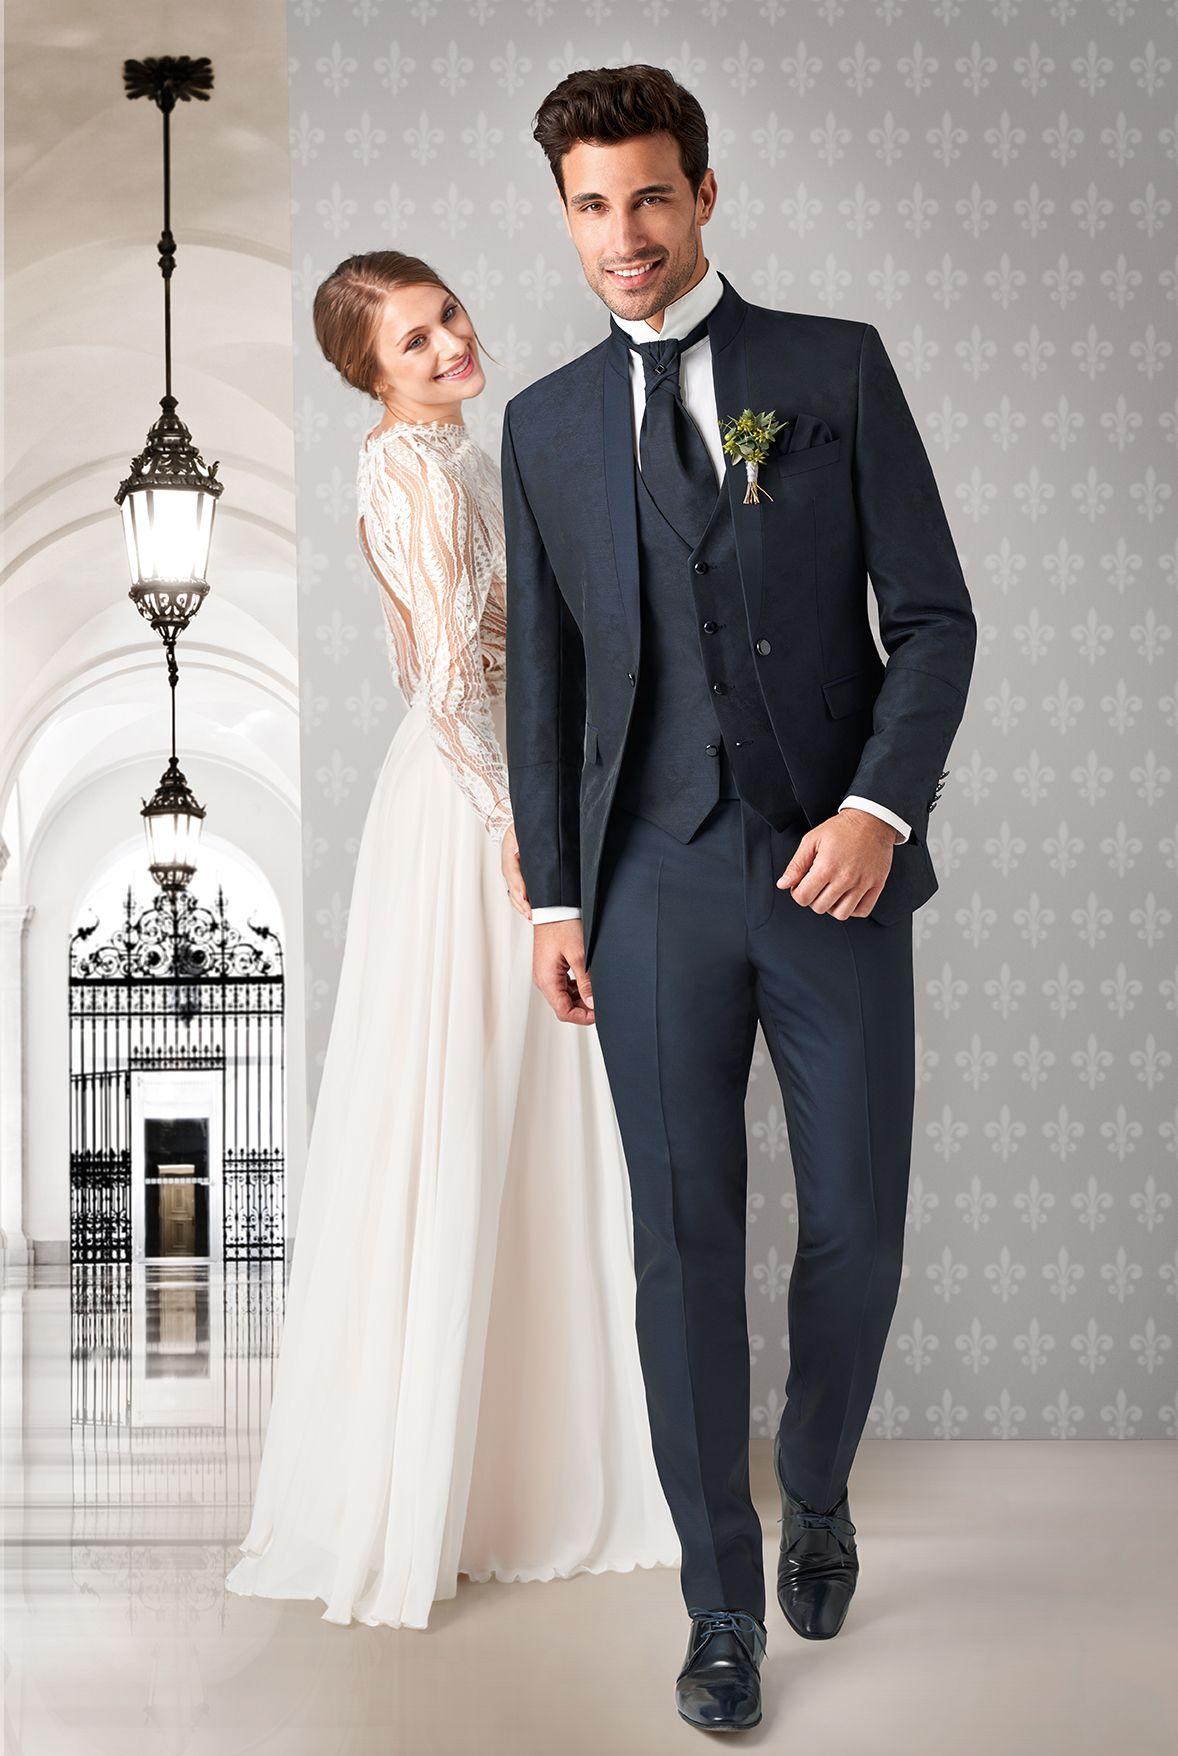 Die Neuen Royalen Tziacco Hochzeitsanzug Trends Sind Ab Dem 15 04 2019 Im Fachhandel Erhaltlich Hochzeit Brautigam Anzuge Anzug Hochzeit Hochzeit Anzug Blau